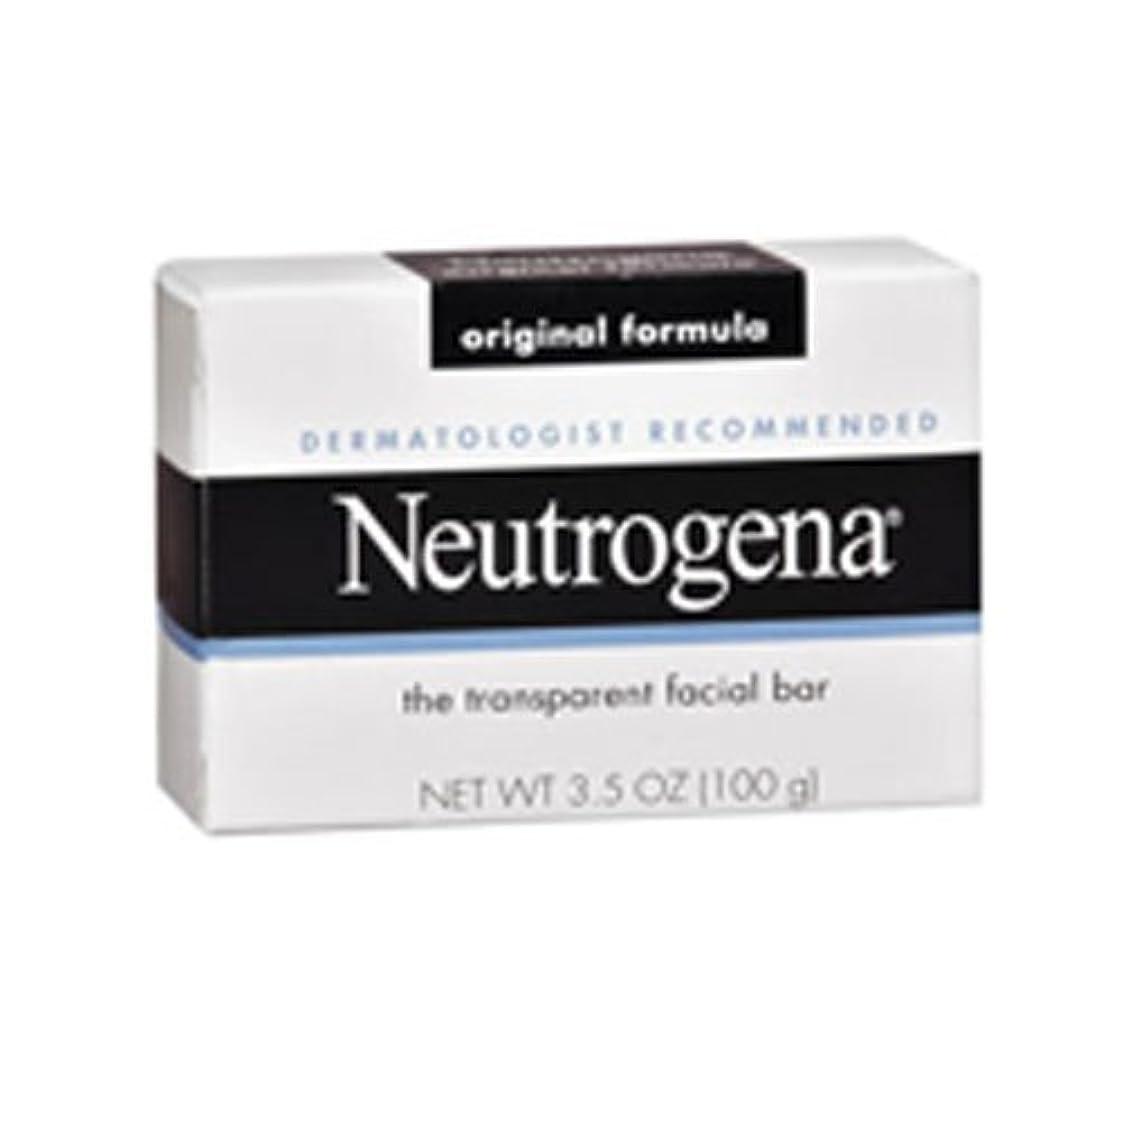 日付巨大リフレッシュ海外直送肘 Neutrogena Transparent Facial Soap Bar, 3.5 oz